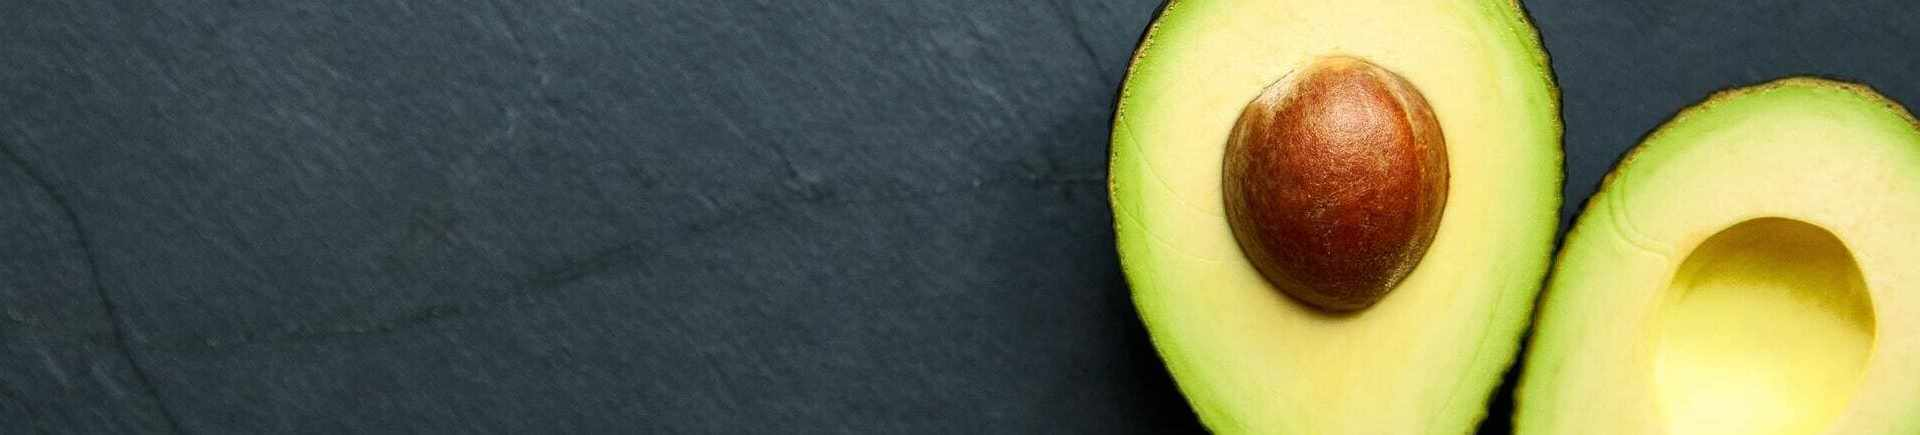 Receta de hummus de agucate - Glovo